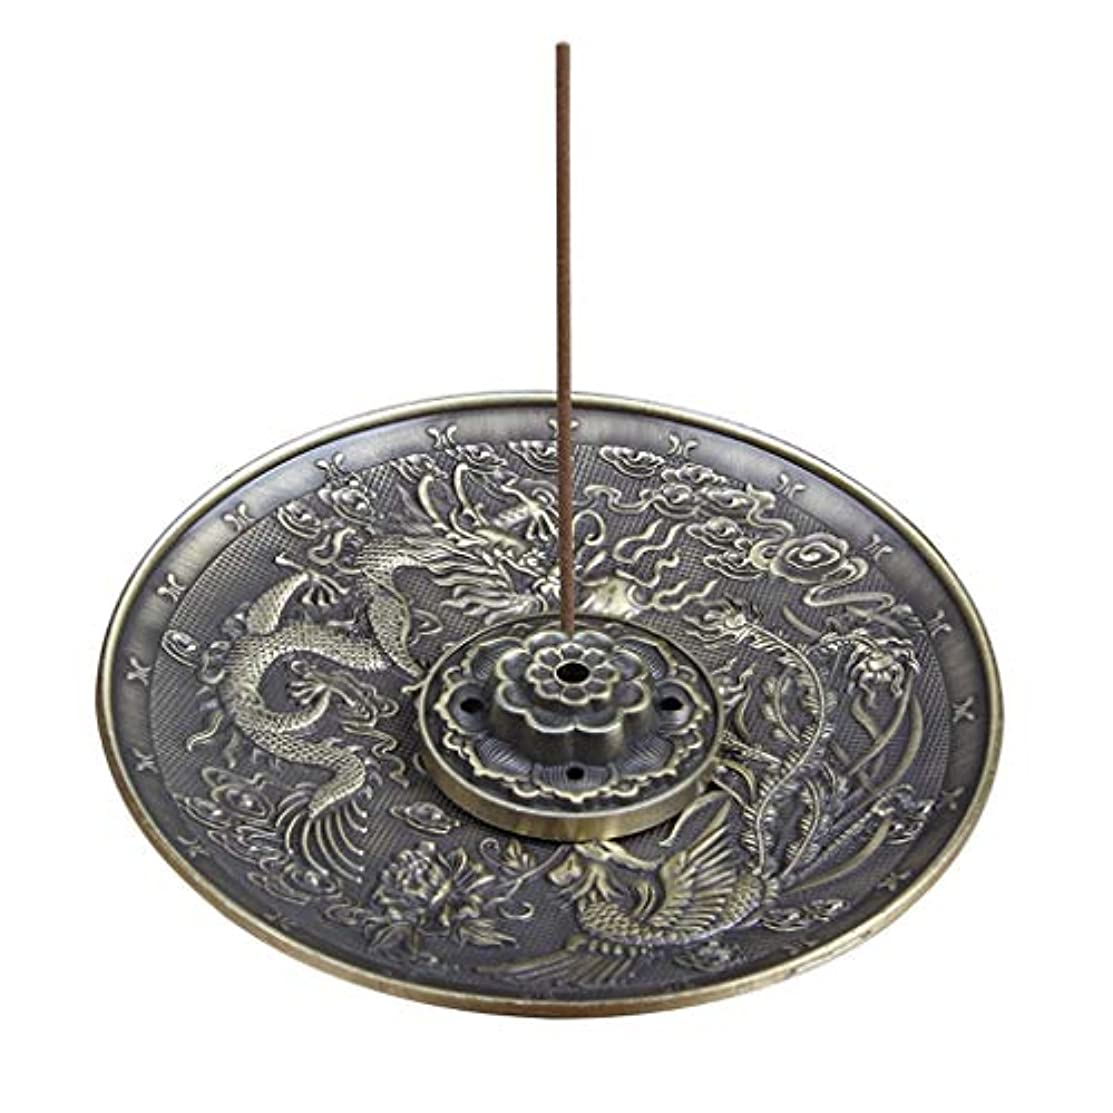 あまりにも比べる優先権合金線香ホルダーロータススティック線香バーナードラゴンとフェニックスコーン線香オイルバーナー灰との逆流キャッチャー(5穴) (Color : Bronze, サイズ : 3.77*0.51inches)